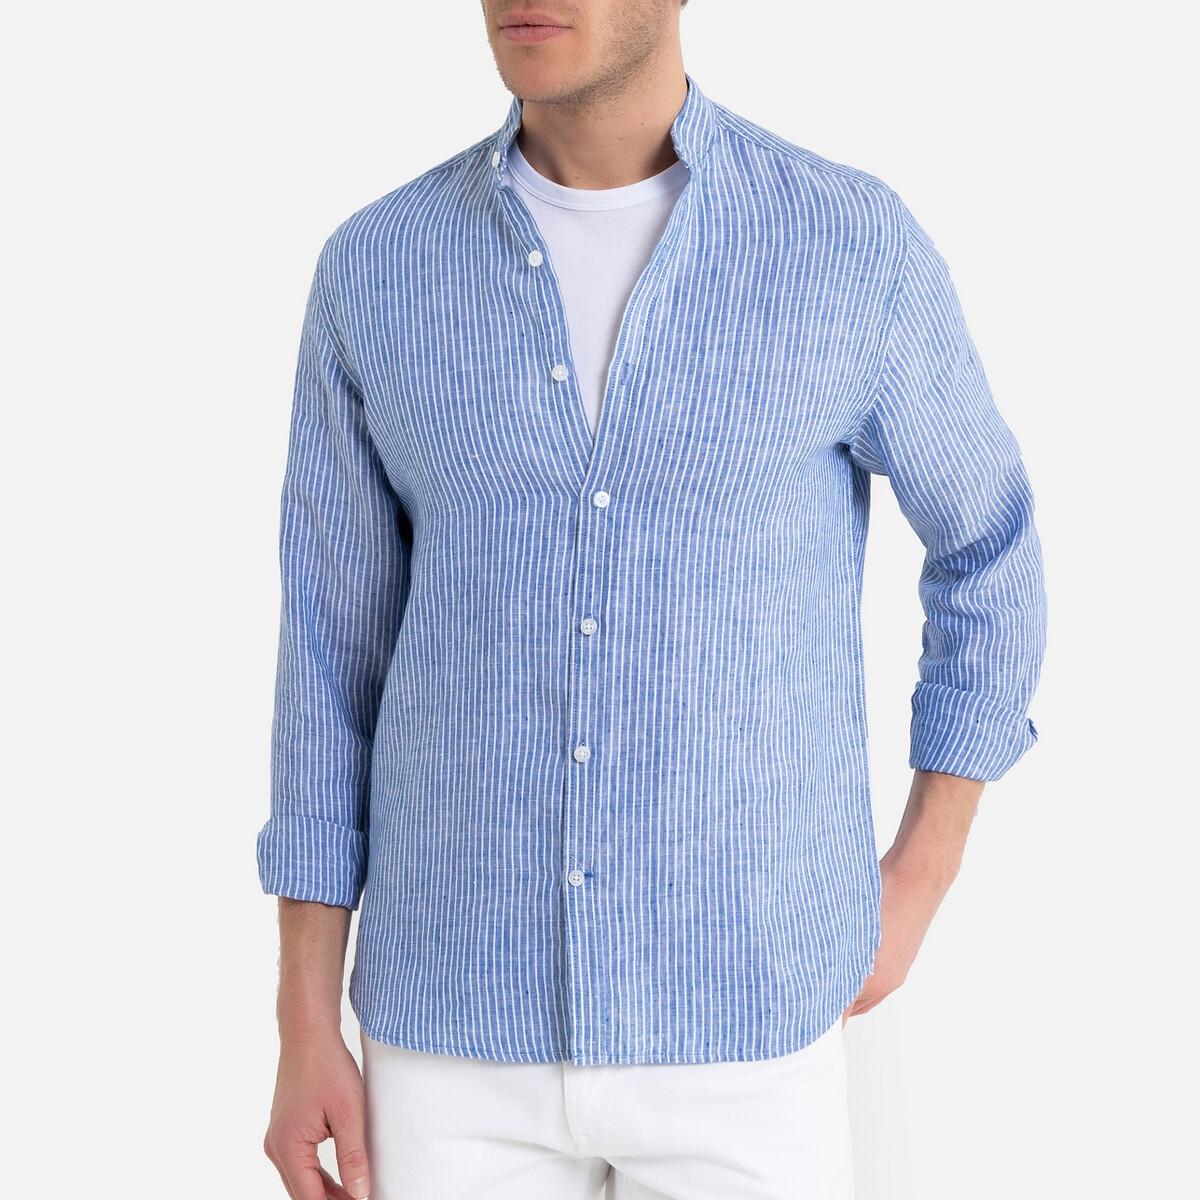 цена Рубашка La Redoute Узкого покроя в полоску с воротником-стойкой 37/38 синий онлайн в 2017 году